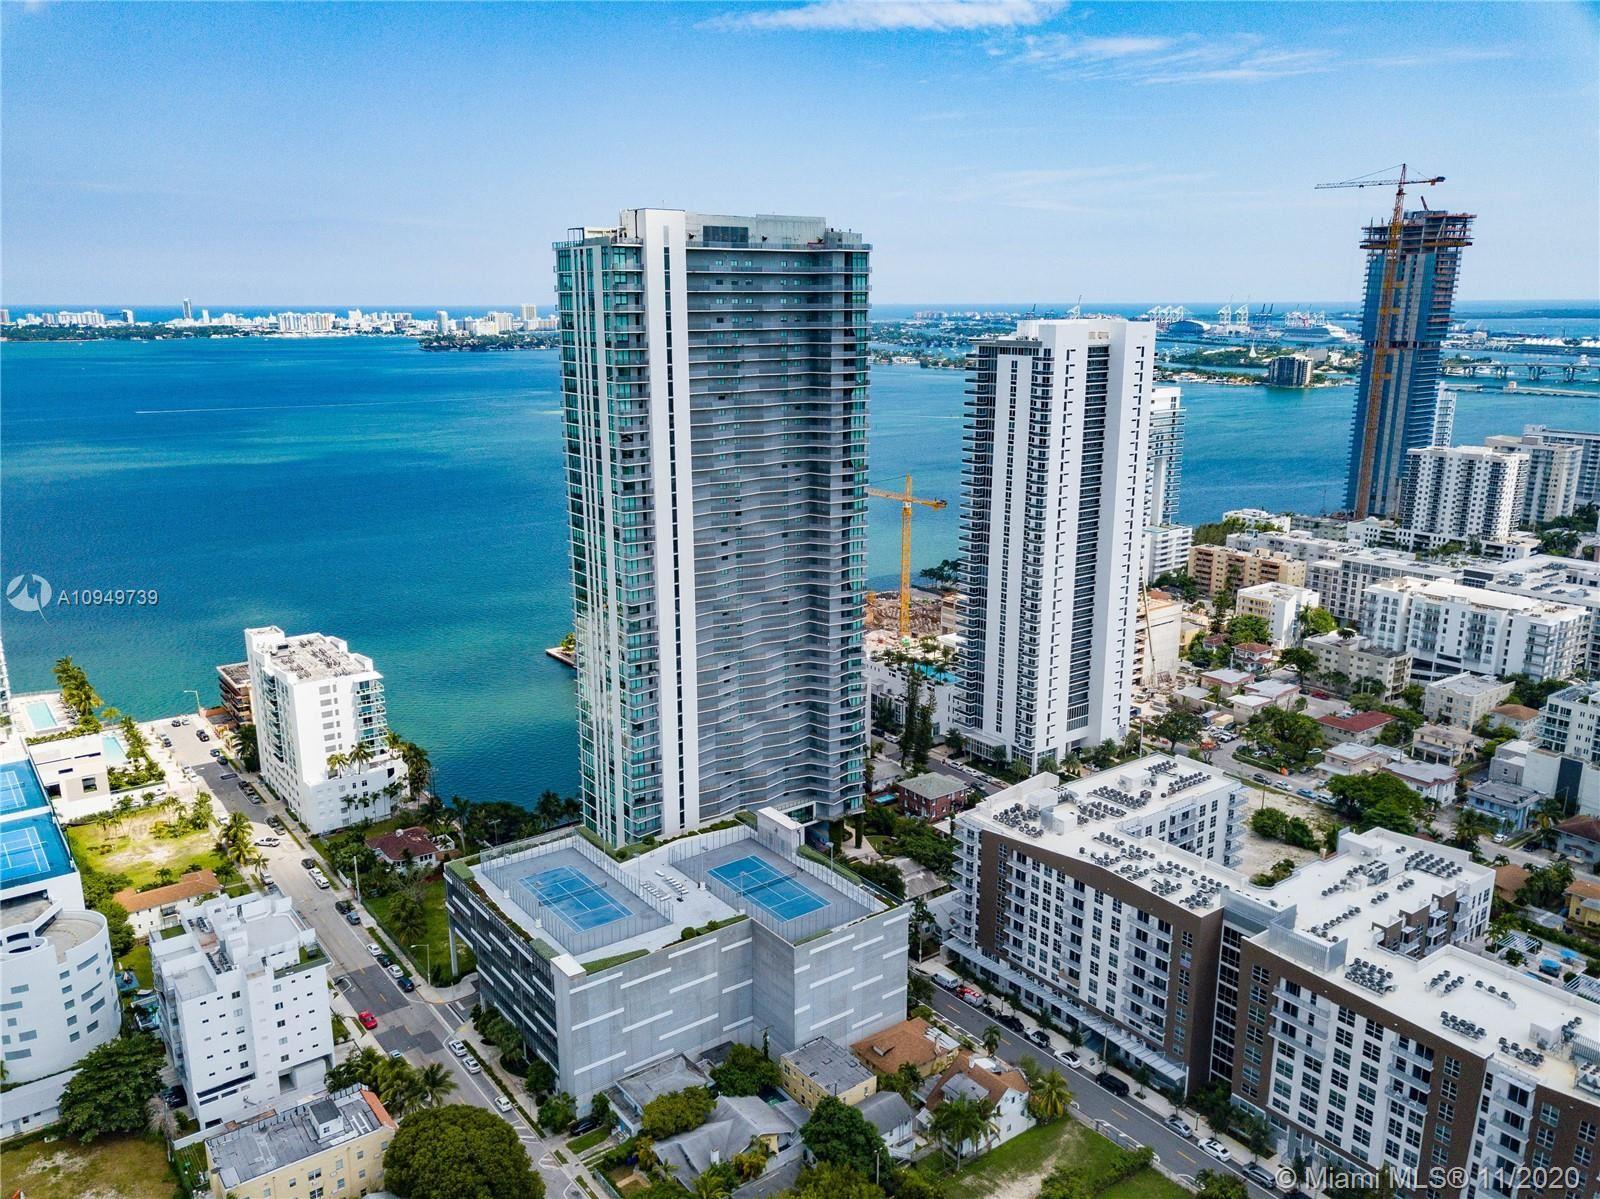 460 NE 28th St, Miami, FL 33137 - #: A10949739